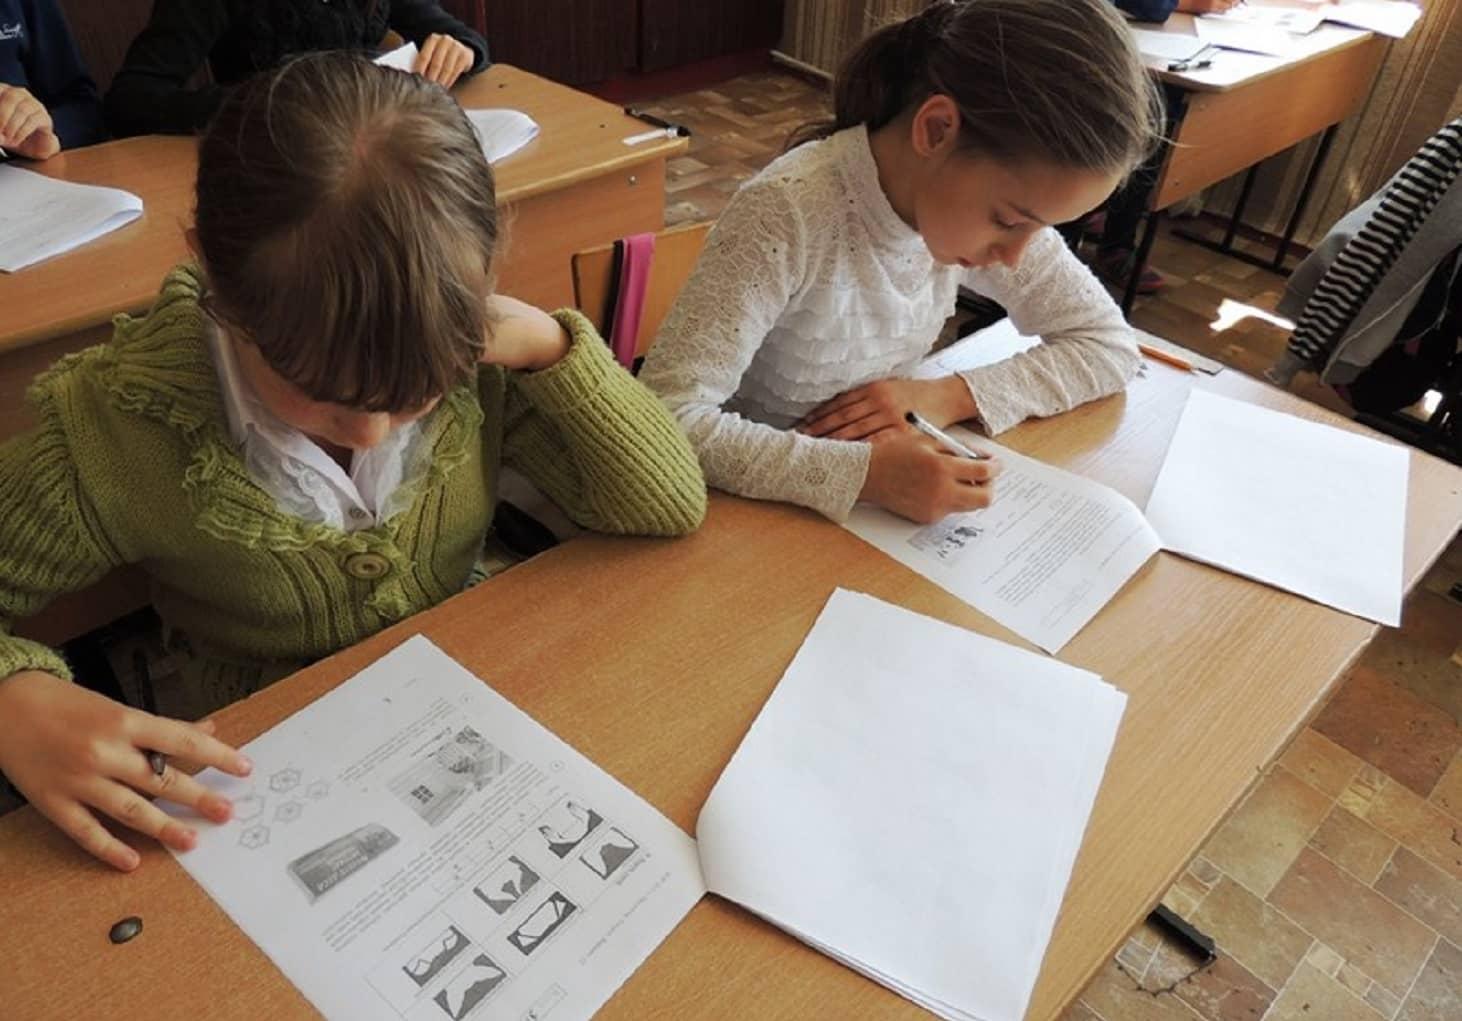 shkoly-smogut-sami-opredelit-daty-provedeniya-vpr-2021